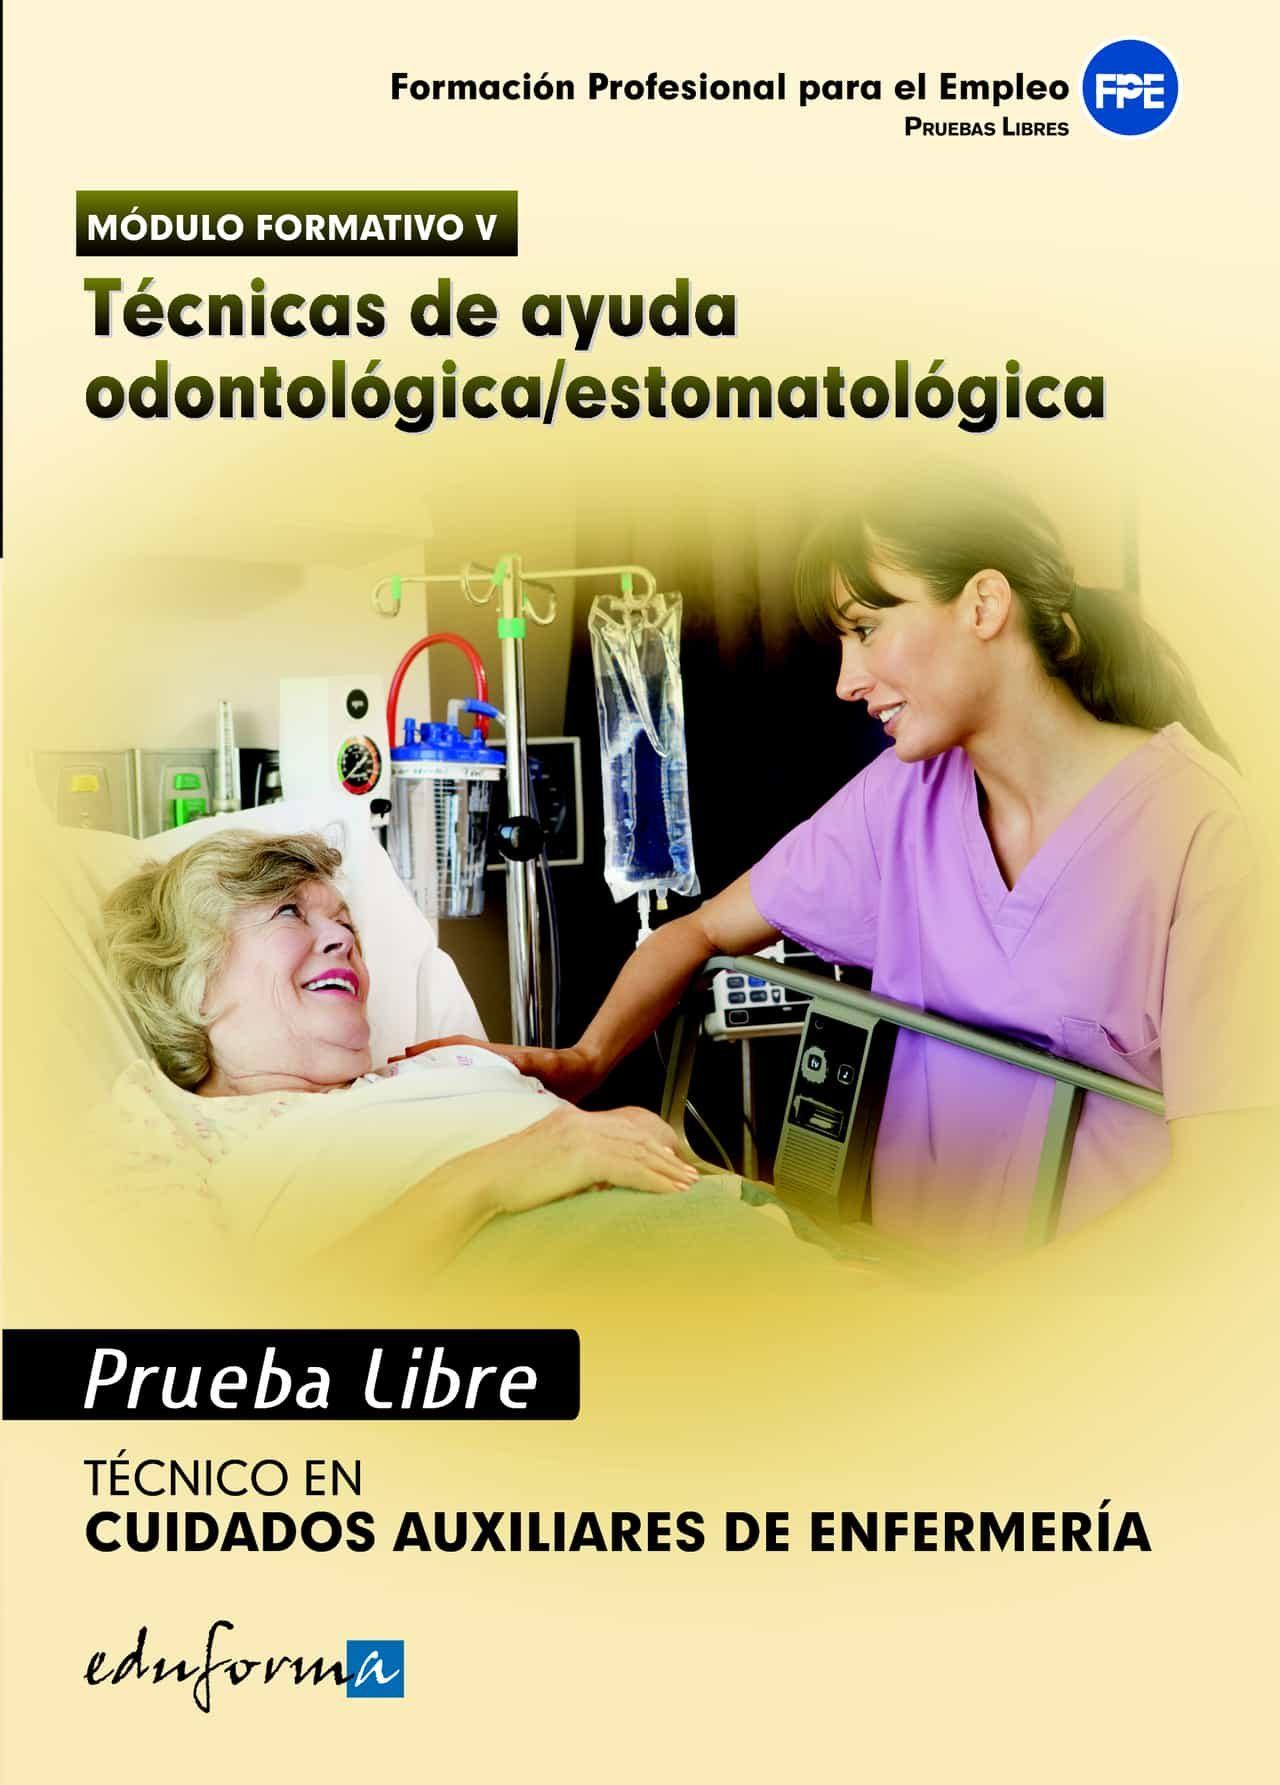 pruebas libres para la obtencion del titulo de tecnico de cuidado s auxiliares de enfermeria: tecnicas de ayuda odontologica/estomatologica. ciclo formativo de grado medio: cuidados auxiliares de enfer-9788467656558